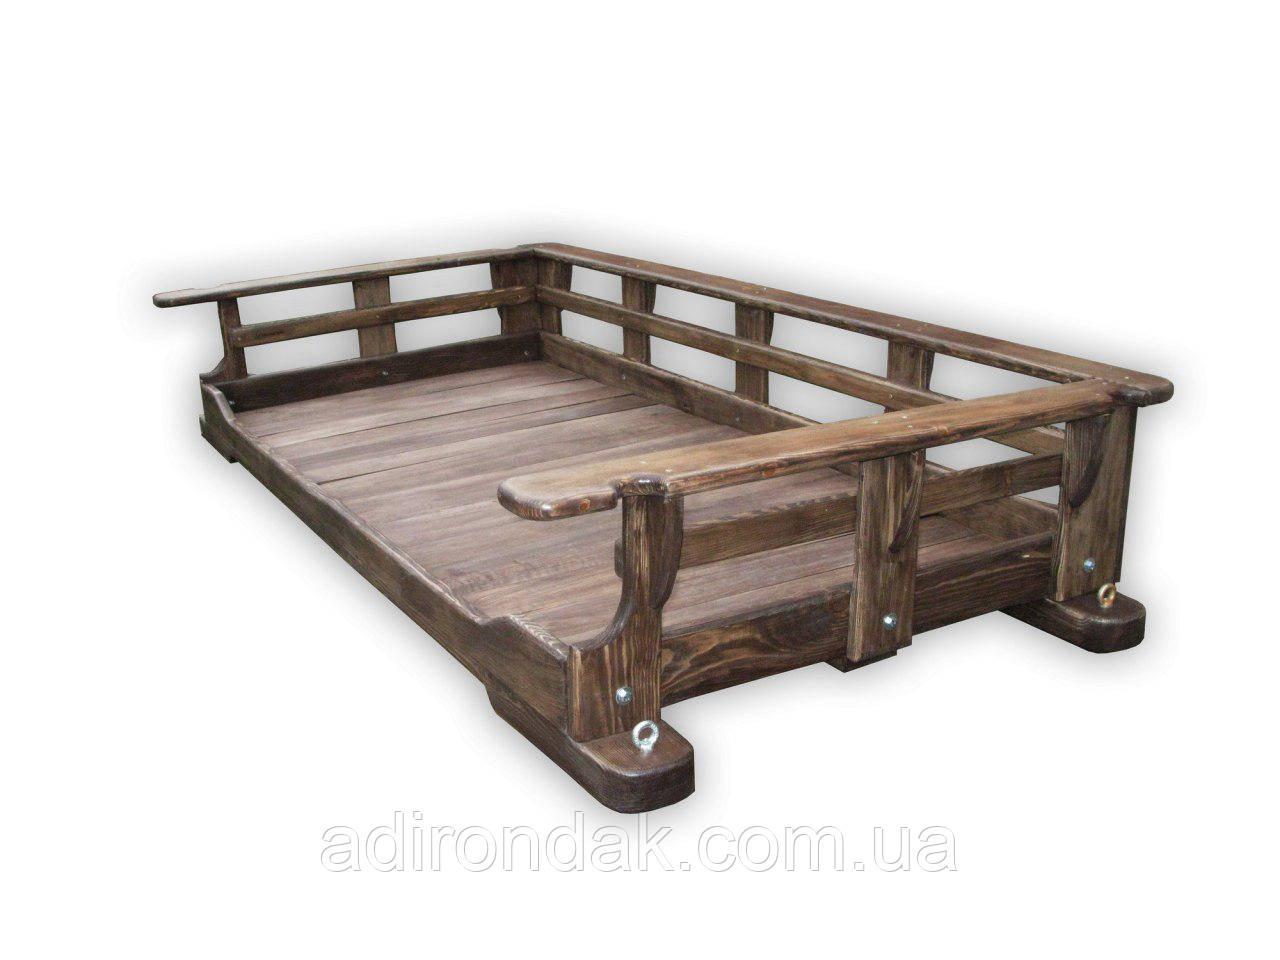 Подвесная кровать, Качели, Підвісне ліжко